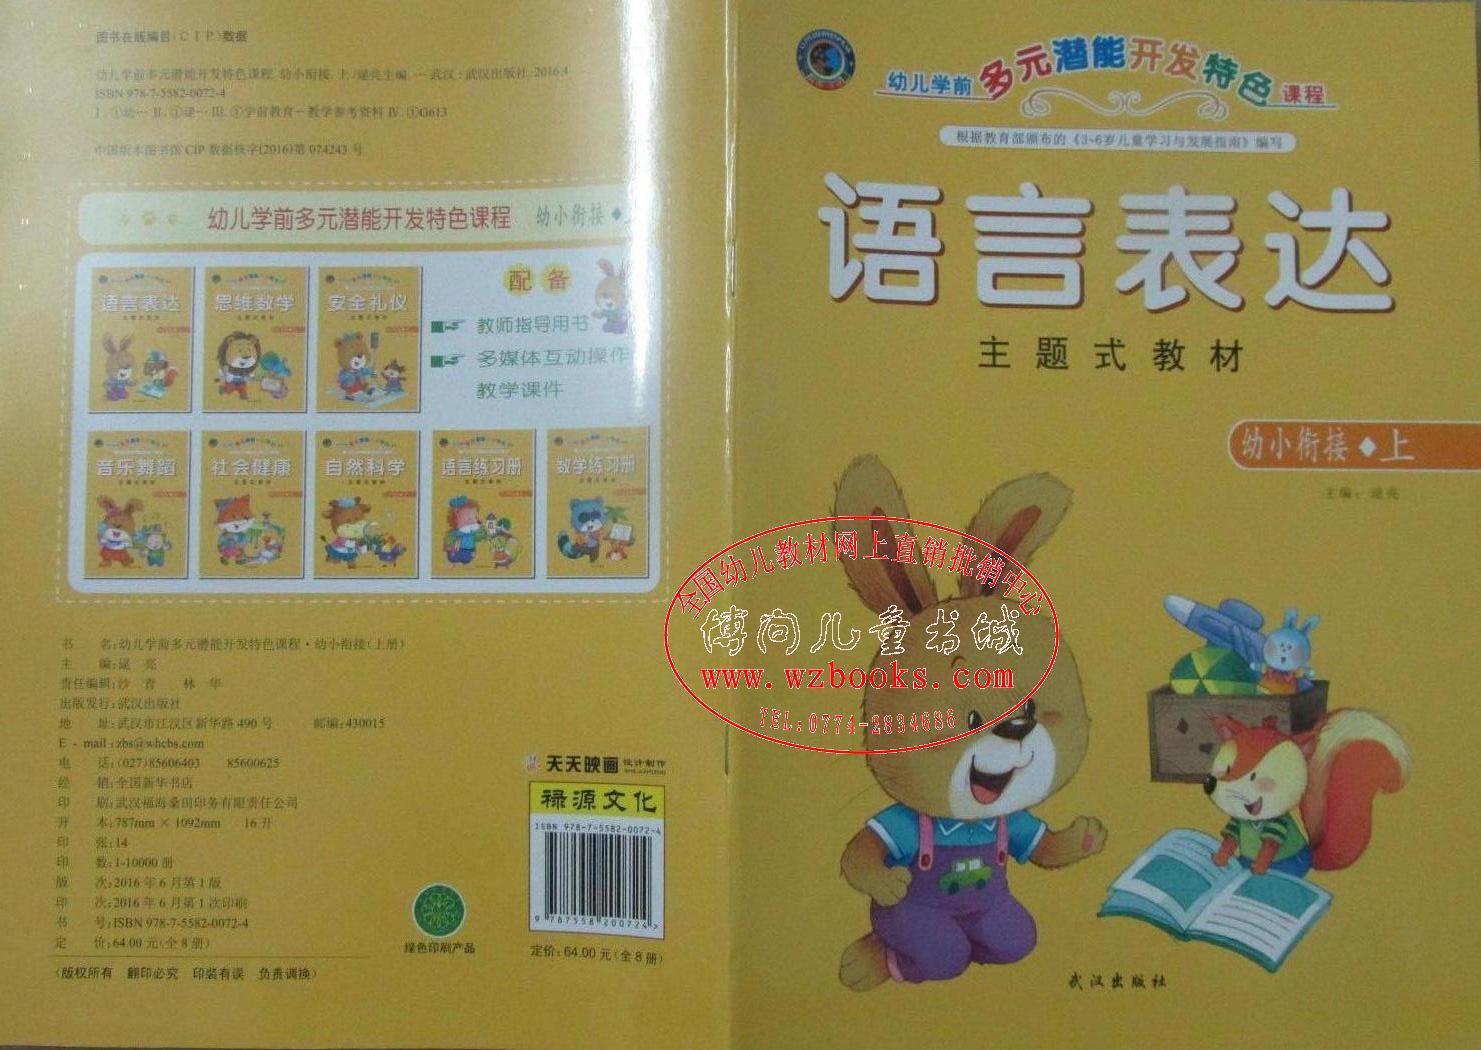 禄源文化 幼儿学前多元潜能开发特色课程 主题式幼儿园教材